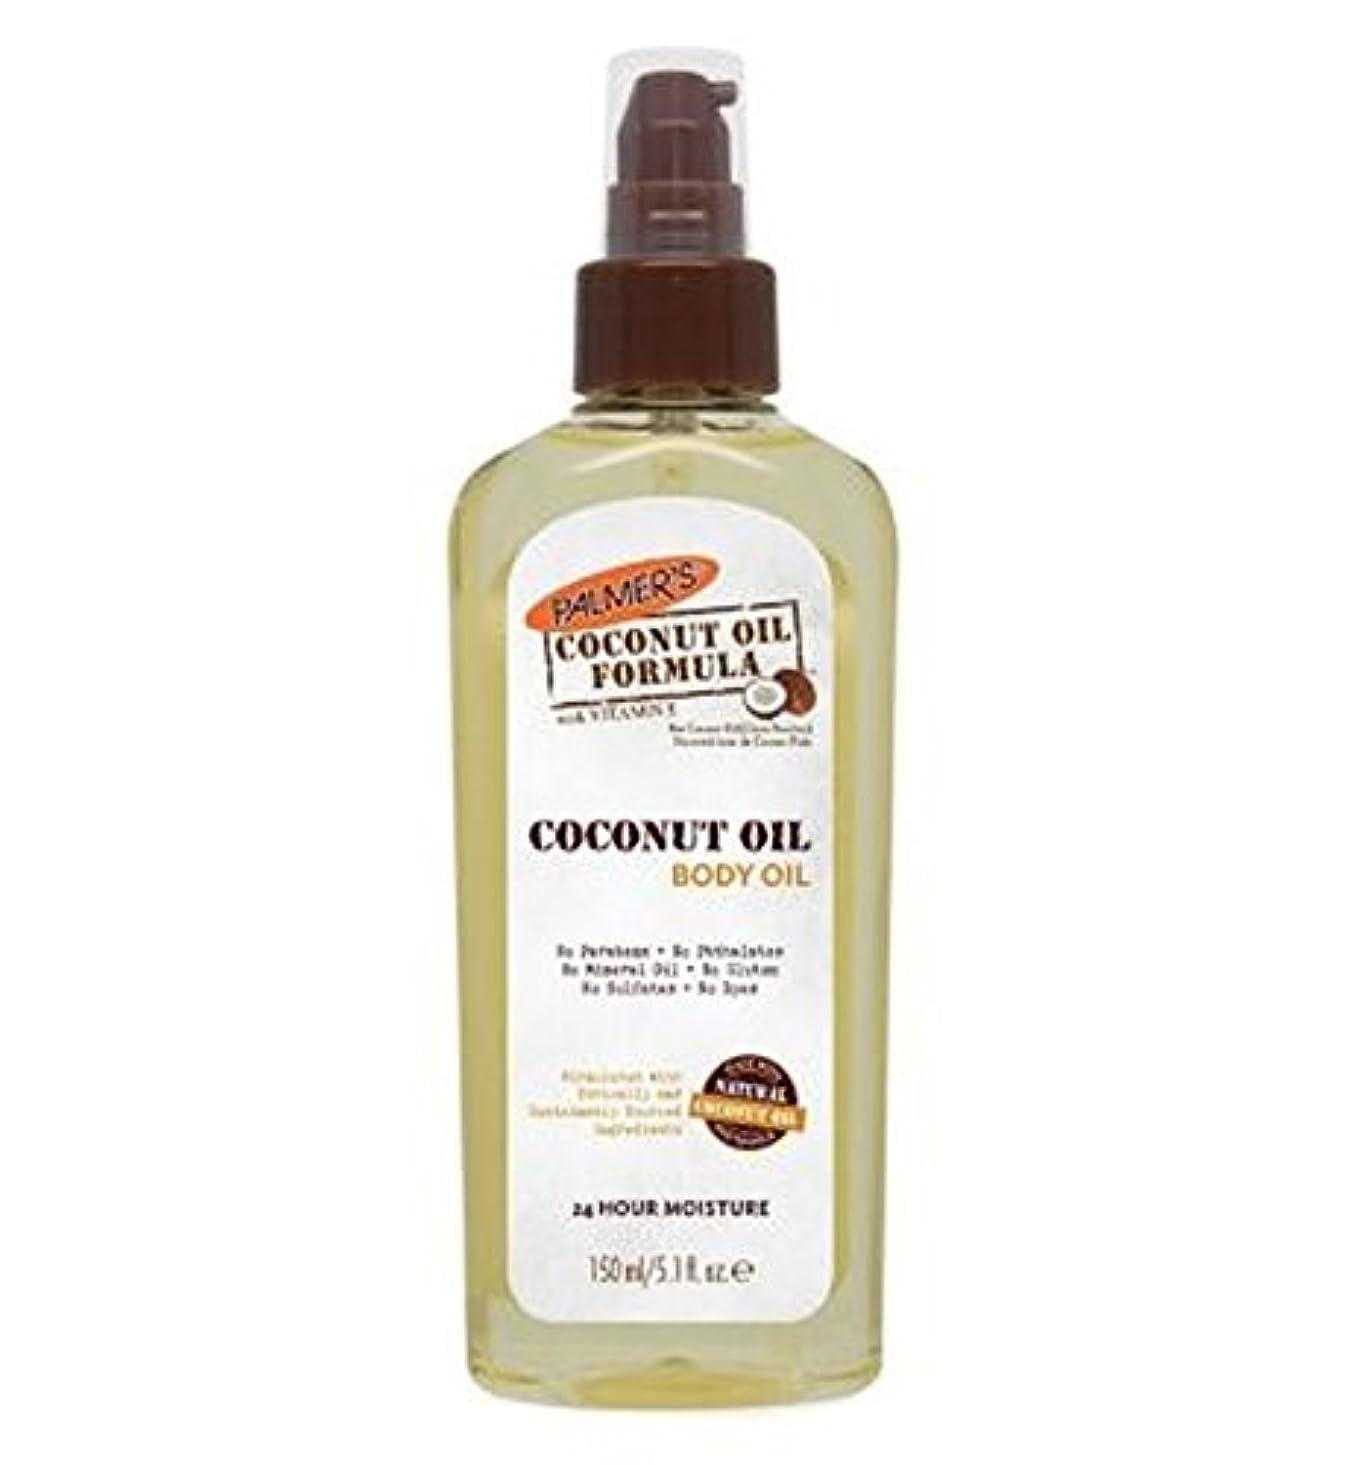 可聴爆発シャンパンPalmer's Coconut Oil Formula Body Oil 150ml - パーマーのココナッツオイル式ボディオイル150ミリリットル (Palmer's) [並行輸入品]